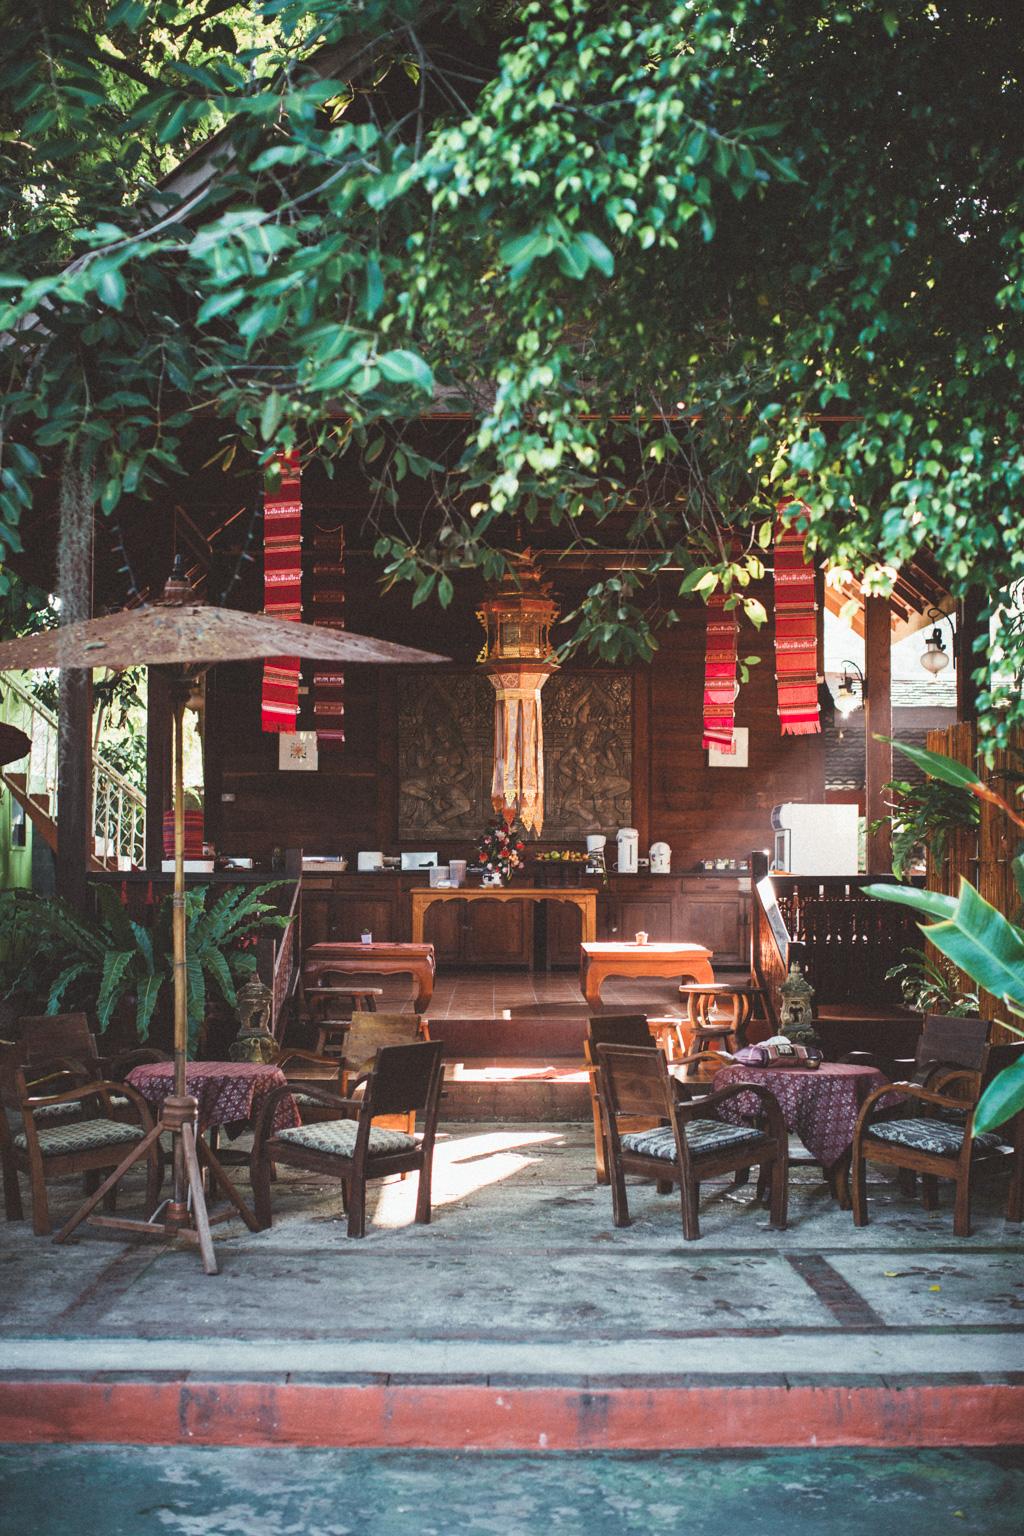 bangkok 7_Kristin_ lagerqvist-6167